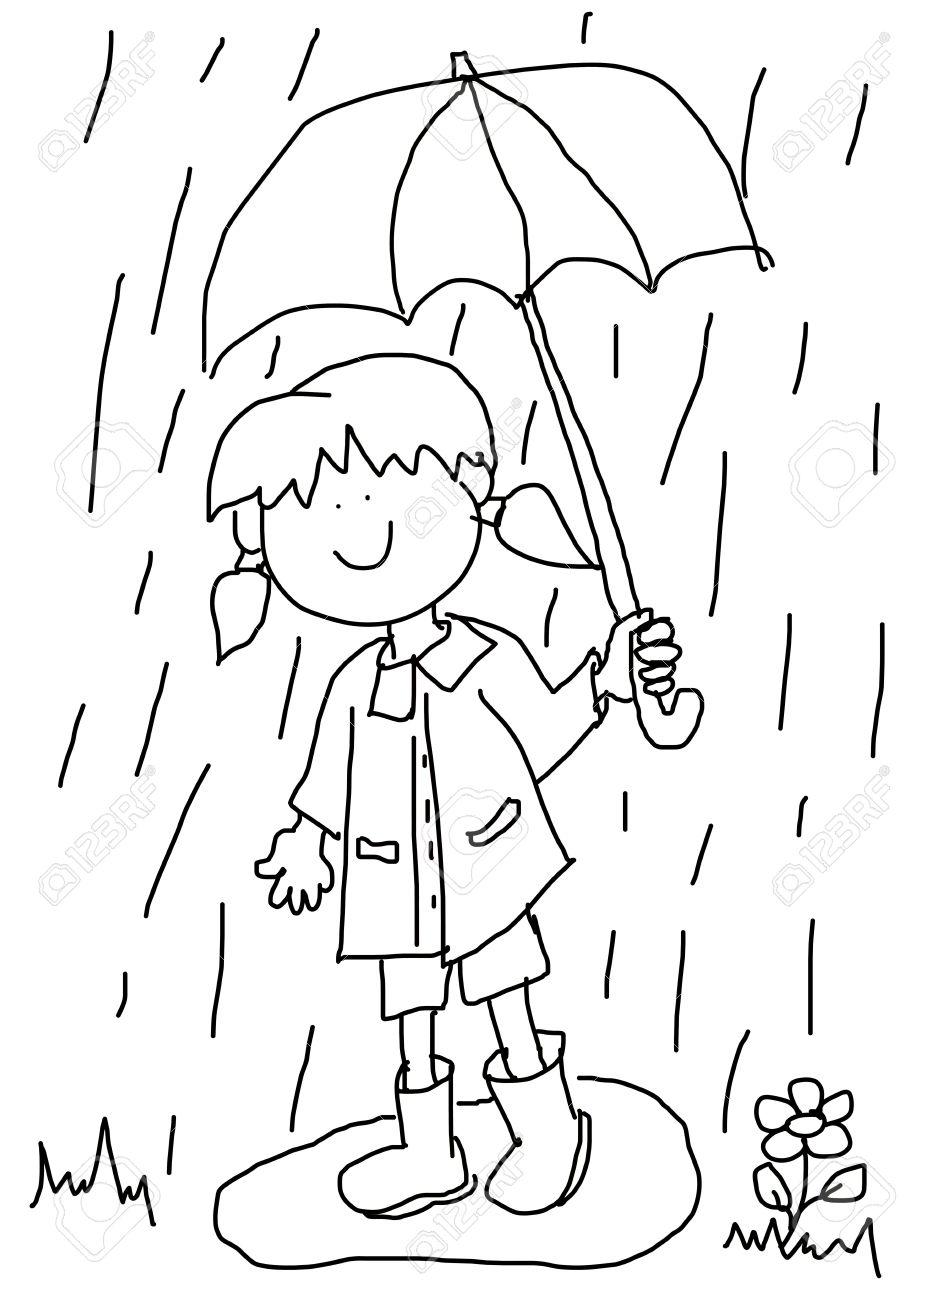 Grand Personnage De Dessin Animé Enfantin Petite Fille Avec Un Grand Sourire Tenant Un Parapluie Et De Jouer Sous La Pluie En Marchant Dans Une